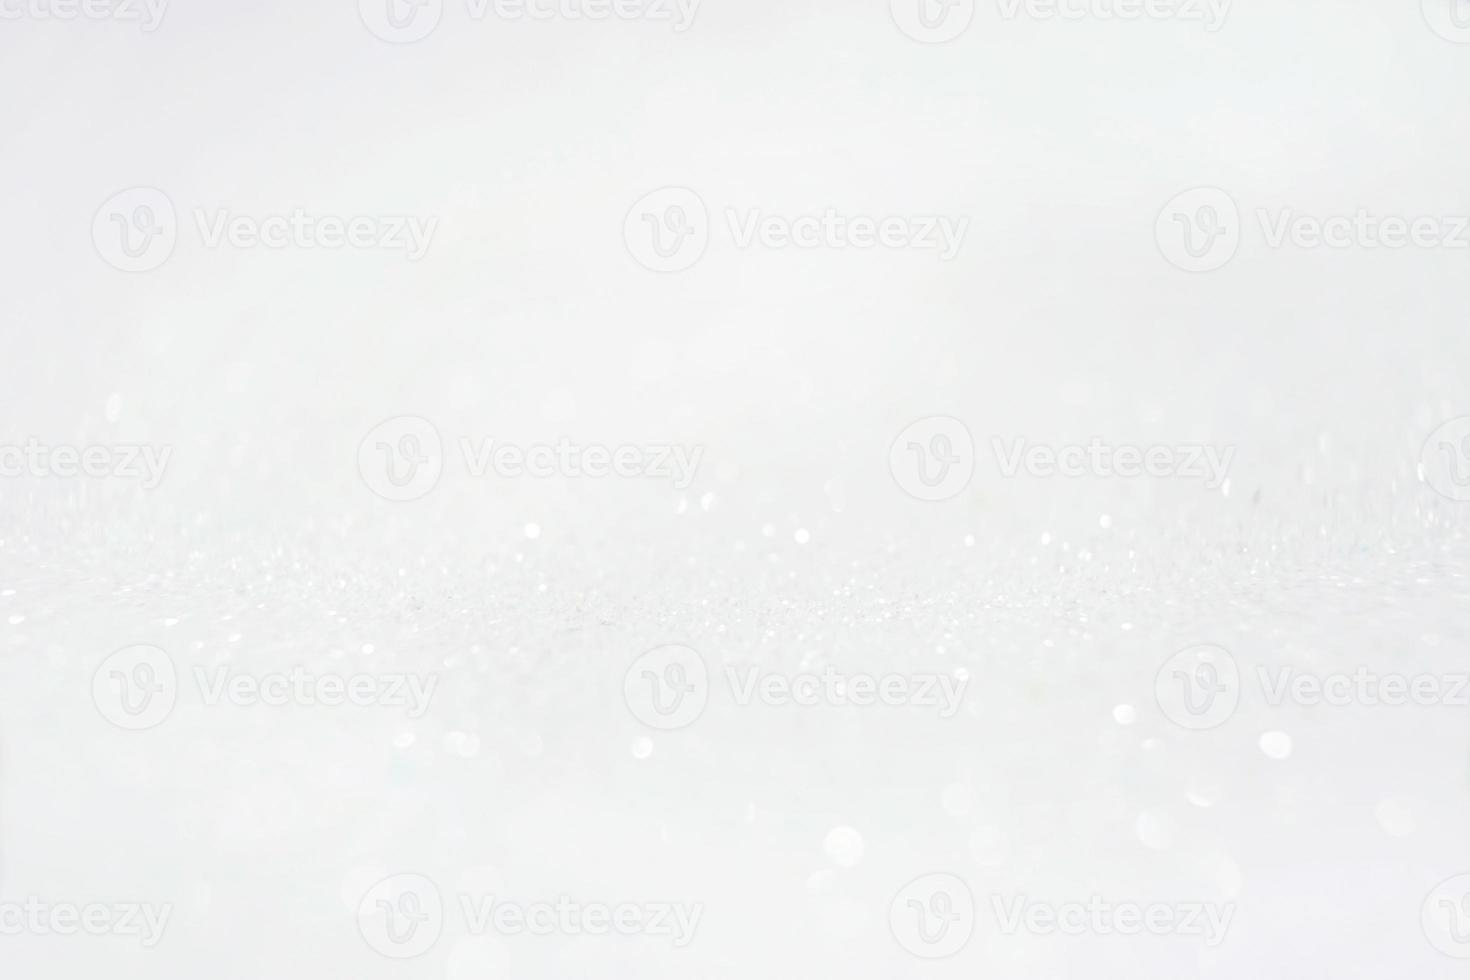 une macro étonnante et magnifique d'une surface de purpurin lueur blanche avec des paillettes et une profondeur de champ photo